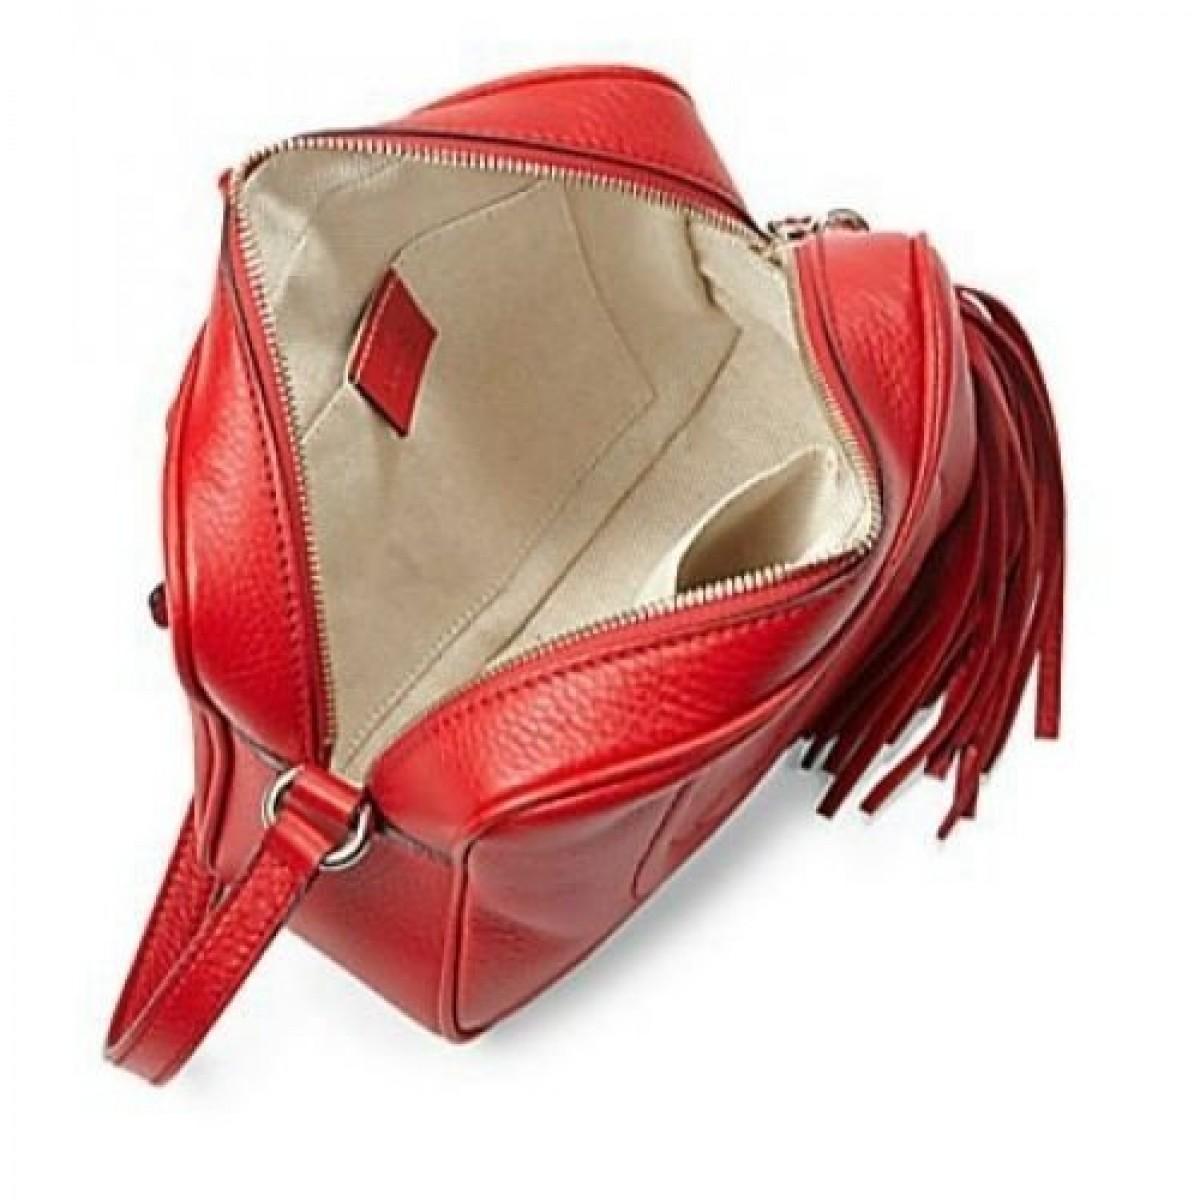 Bolsa Gucci Pequena Inspired : R?plica de bolsa gucci soho disco vermelha